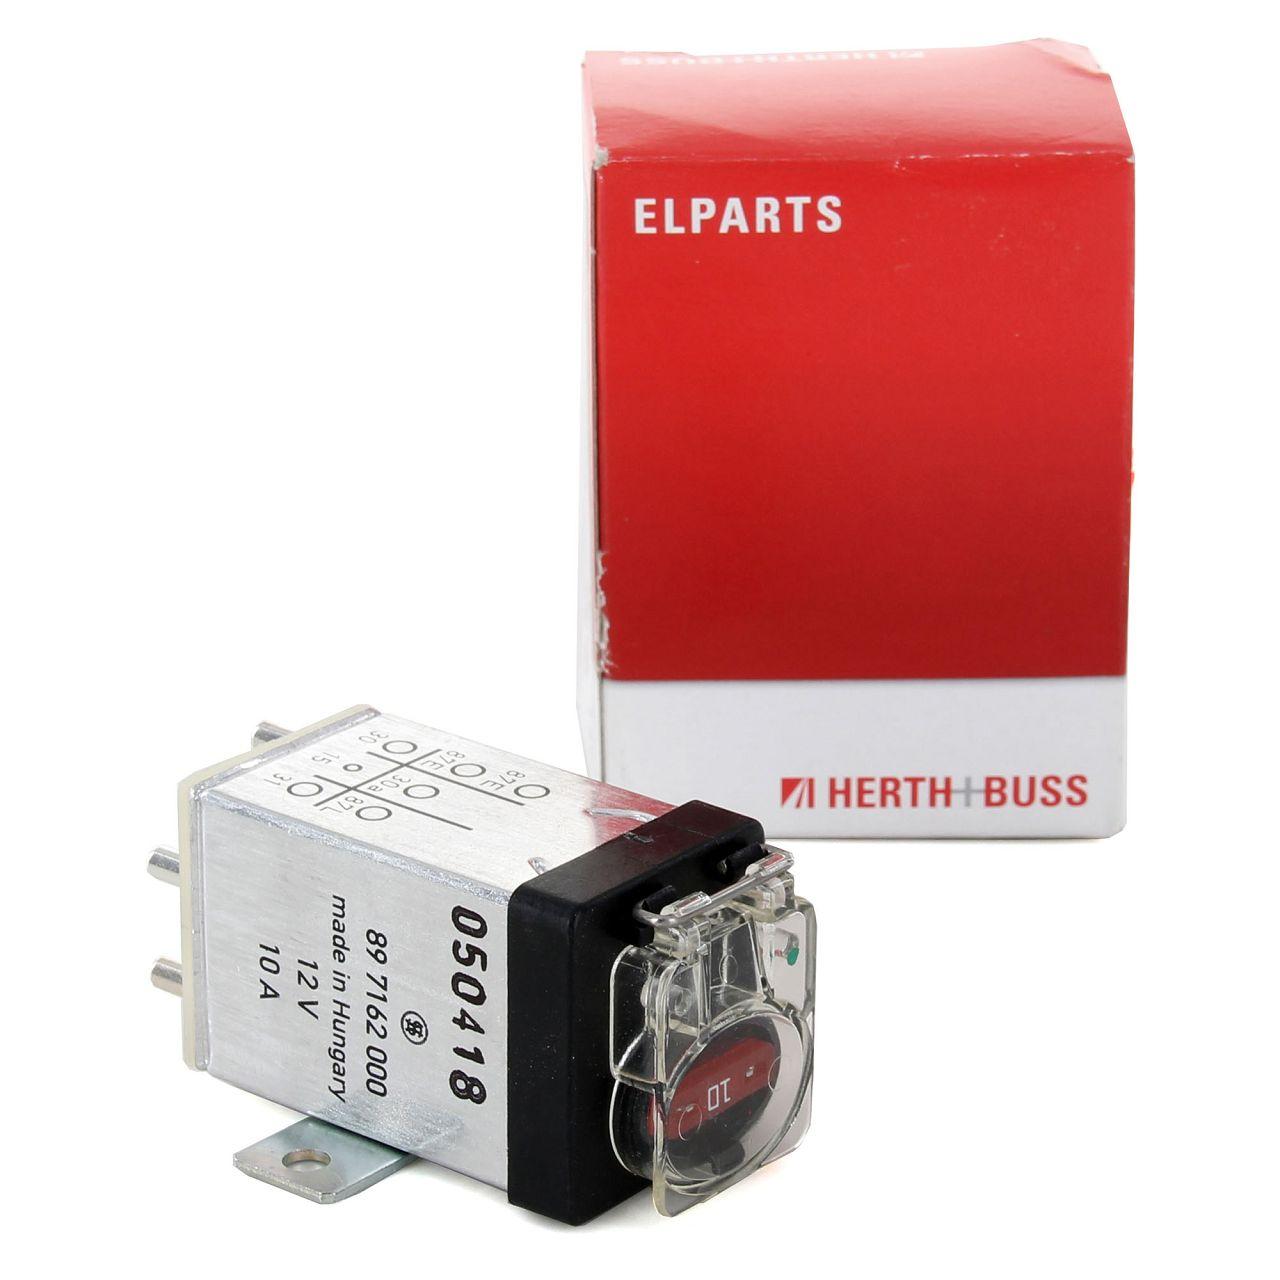 HERTH+BUSS ELPARTS Relais Überspannungsschutz ABS für MERCEDES W201 10.1982-08.